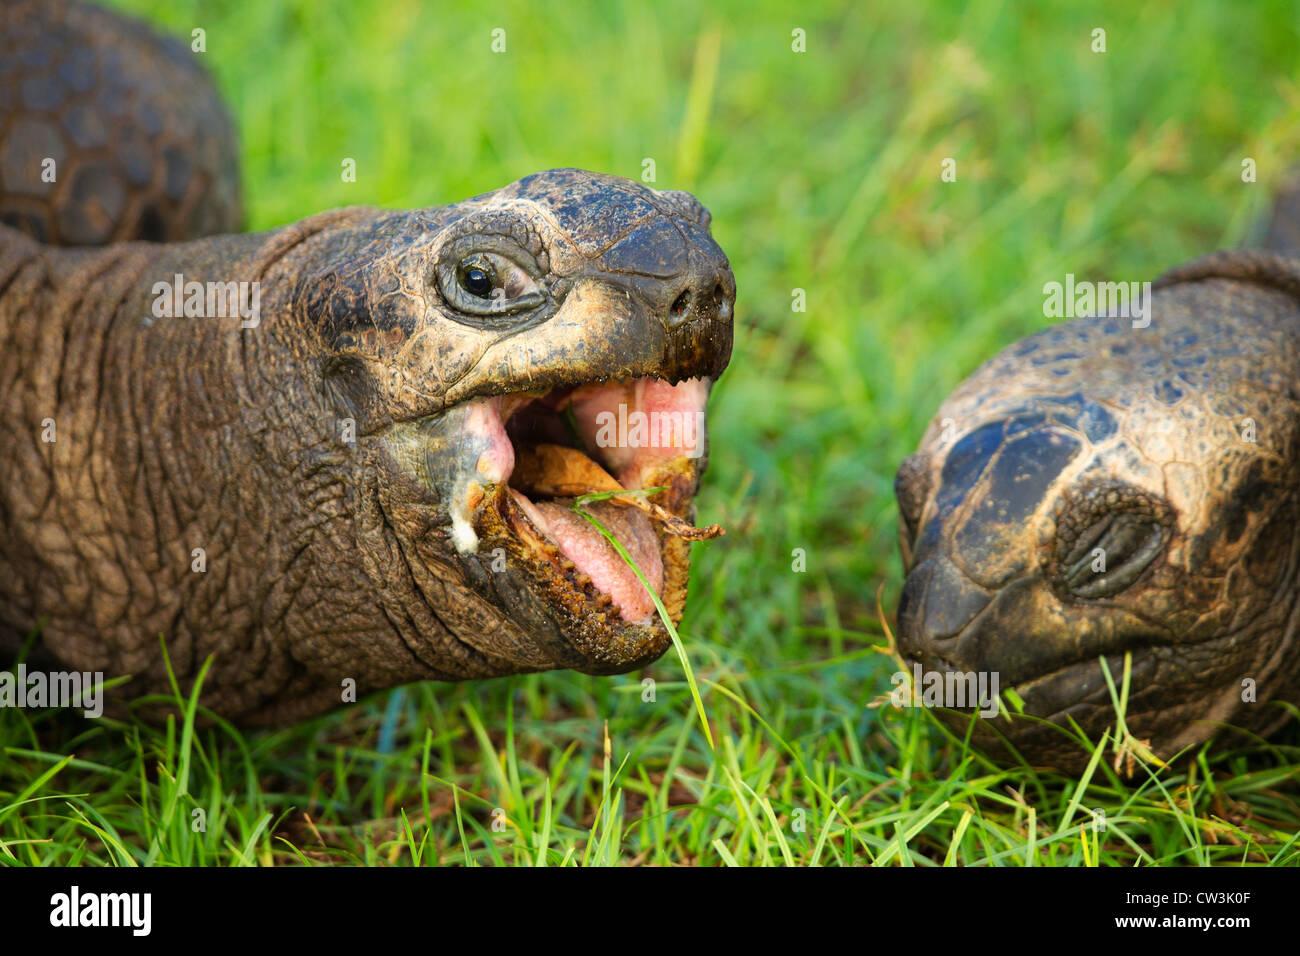 Riesenschildkröte (Geochelone Gigantea). Gefährdete Arten. Dist. Inseln der Seychellen. Stockbild